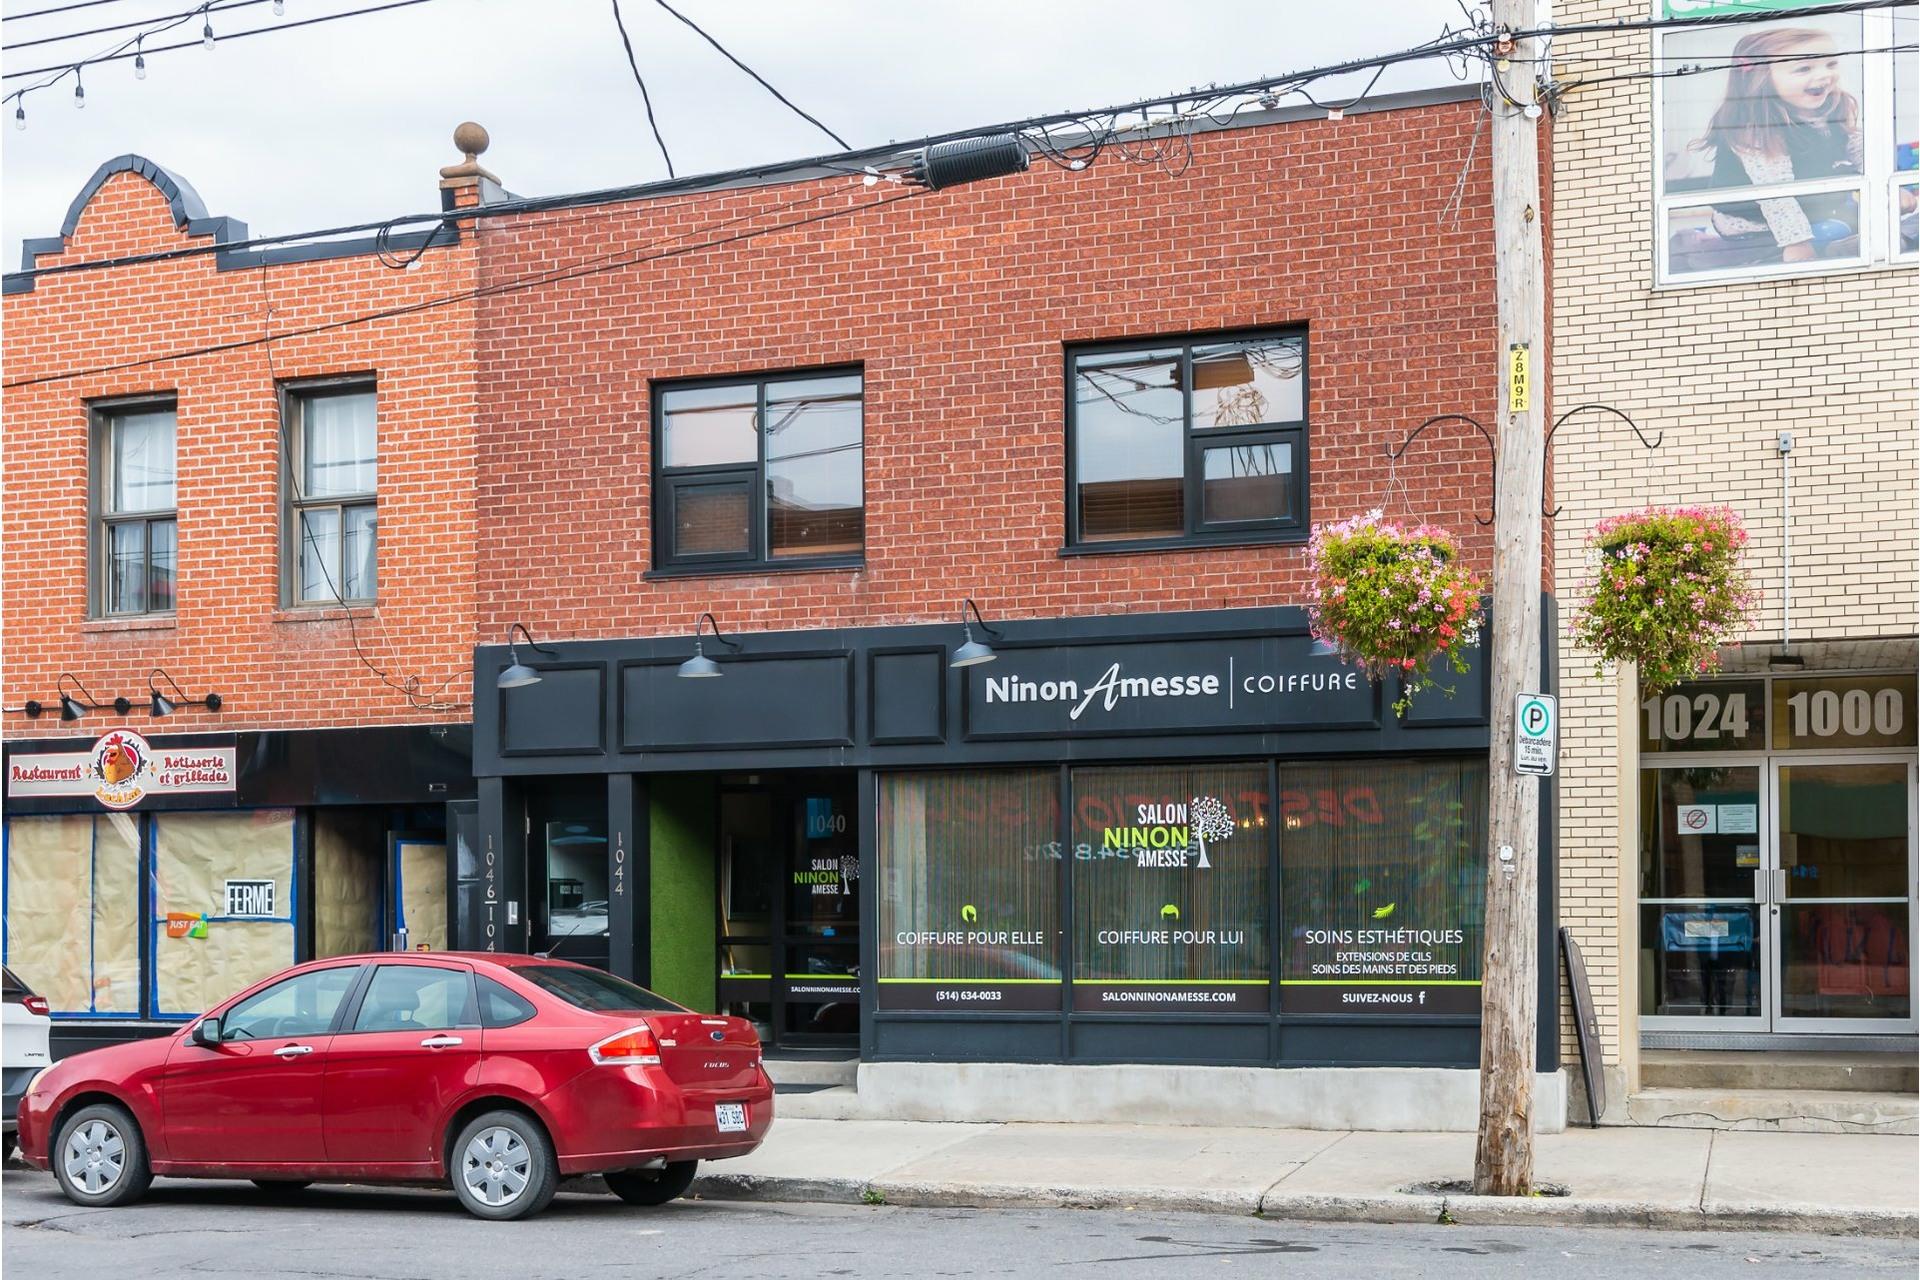 image 31 - Duplex À vendre Lachine Montréal  - 4 pièces